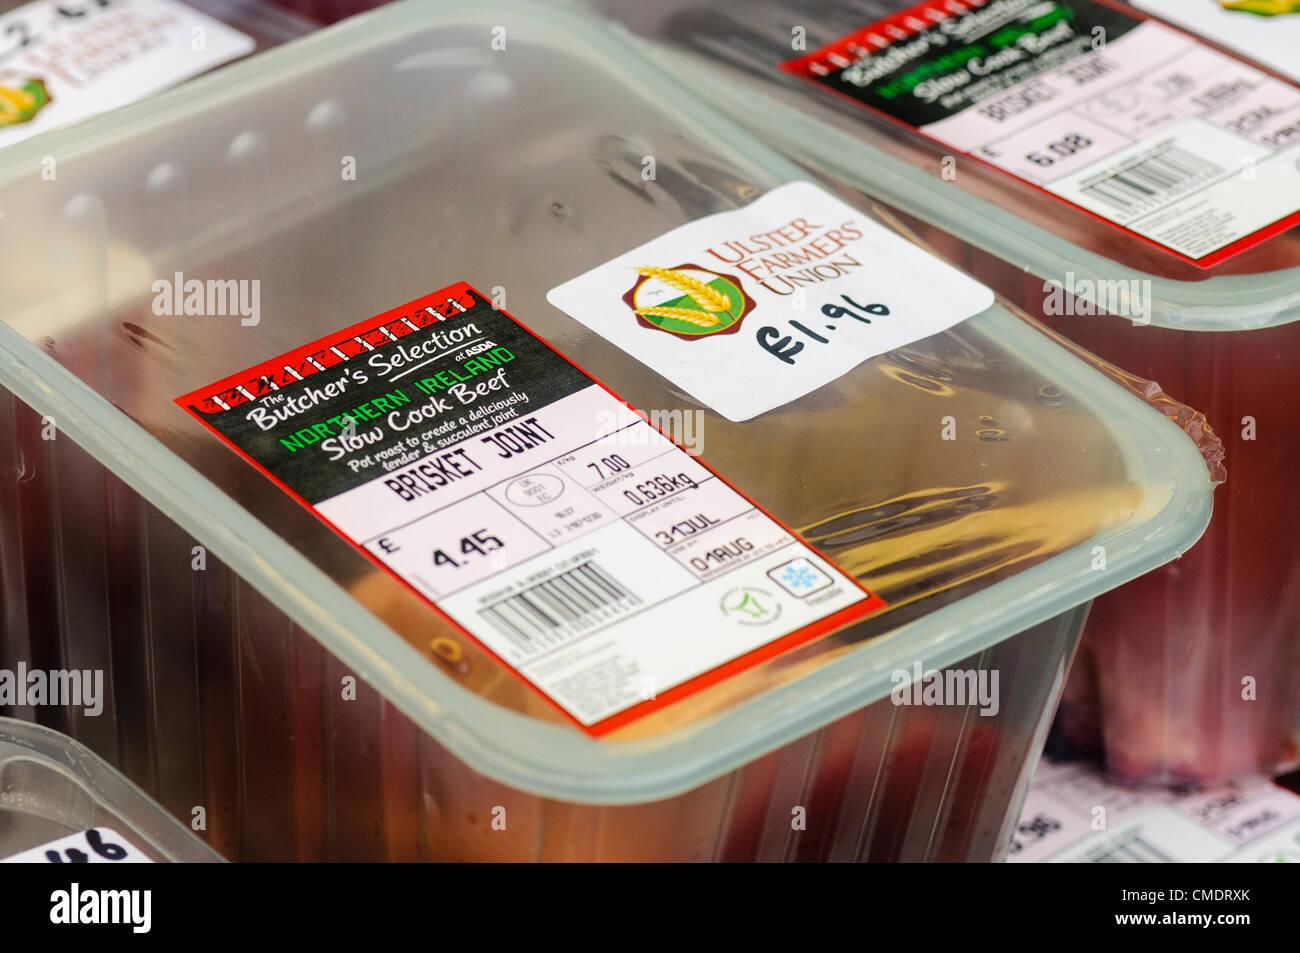 Nordirland, Belfast, Rindfleisch 26.07.2012 - Verkauf für £ 3,08/kg statt der Supermarkt-Preis von £ Stockbild